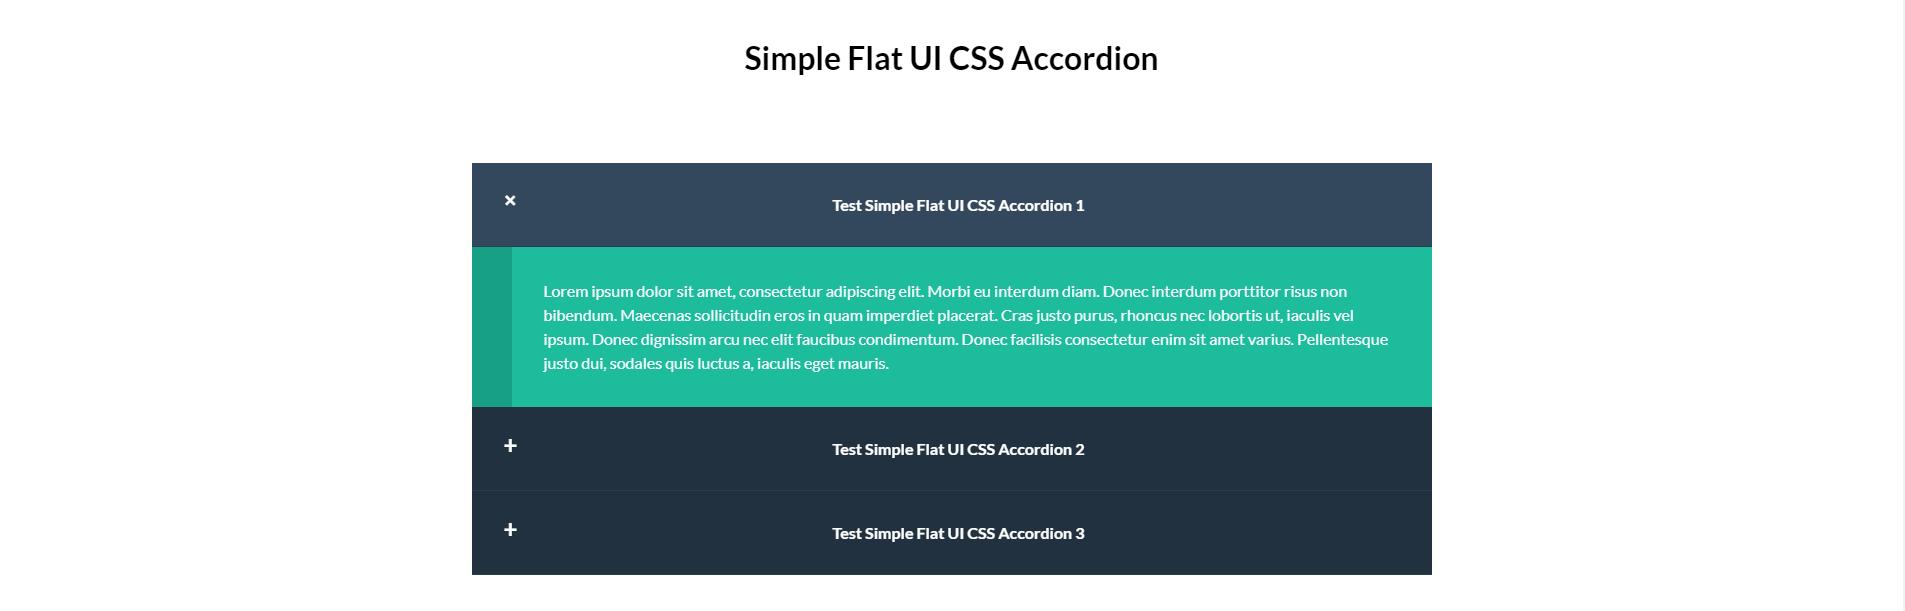 Accordion xây dựng bằng HTML, CSS Phần 9